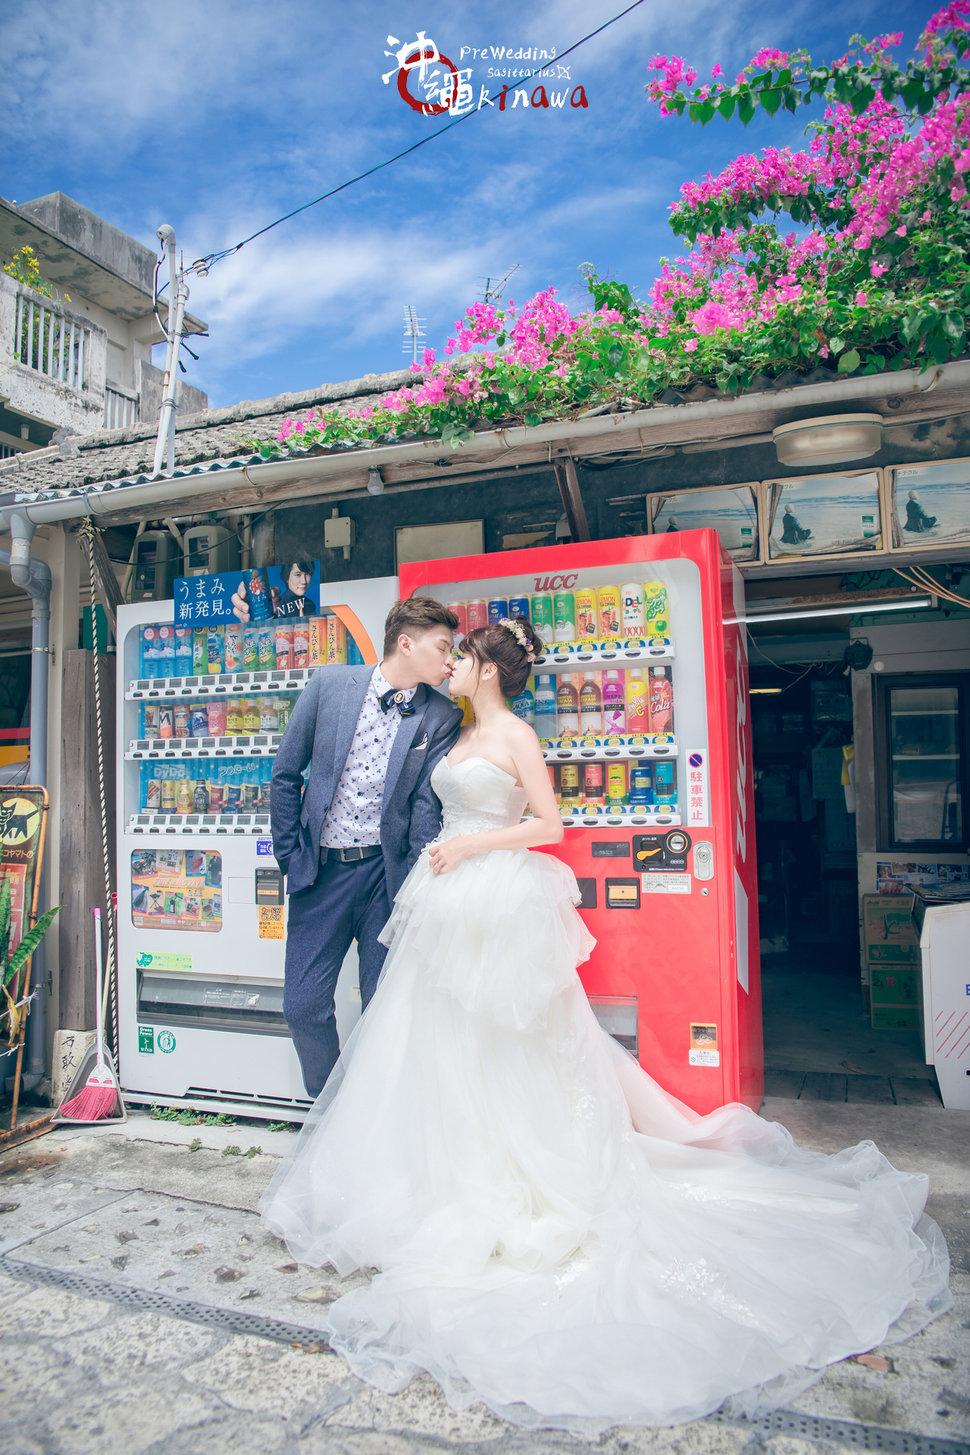 嘉麟 & 胤芳 Overseas Pre Wedding For Okinawa 沖繩海外婚紗(編號:551962) - 射手的天空 / 海外婚紗 婚禮